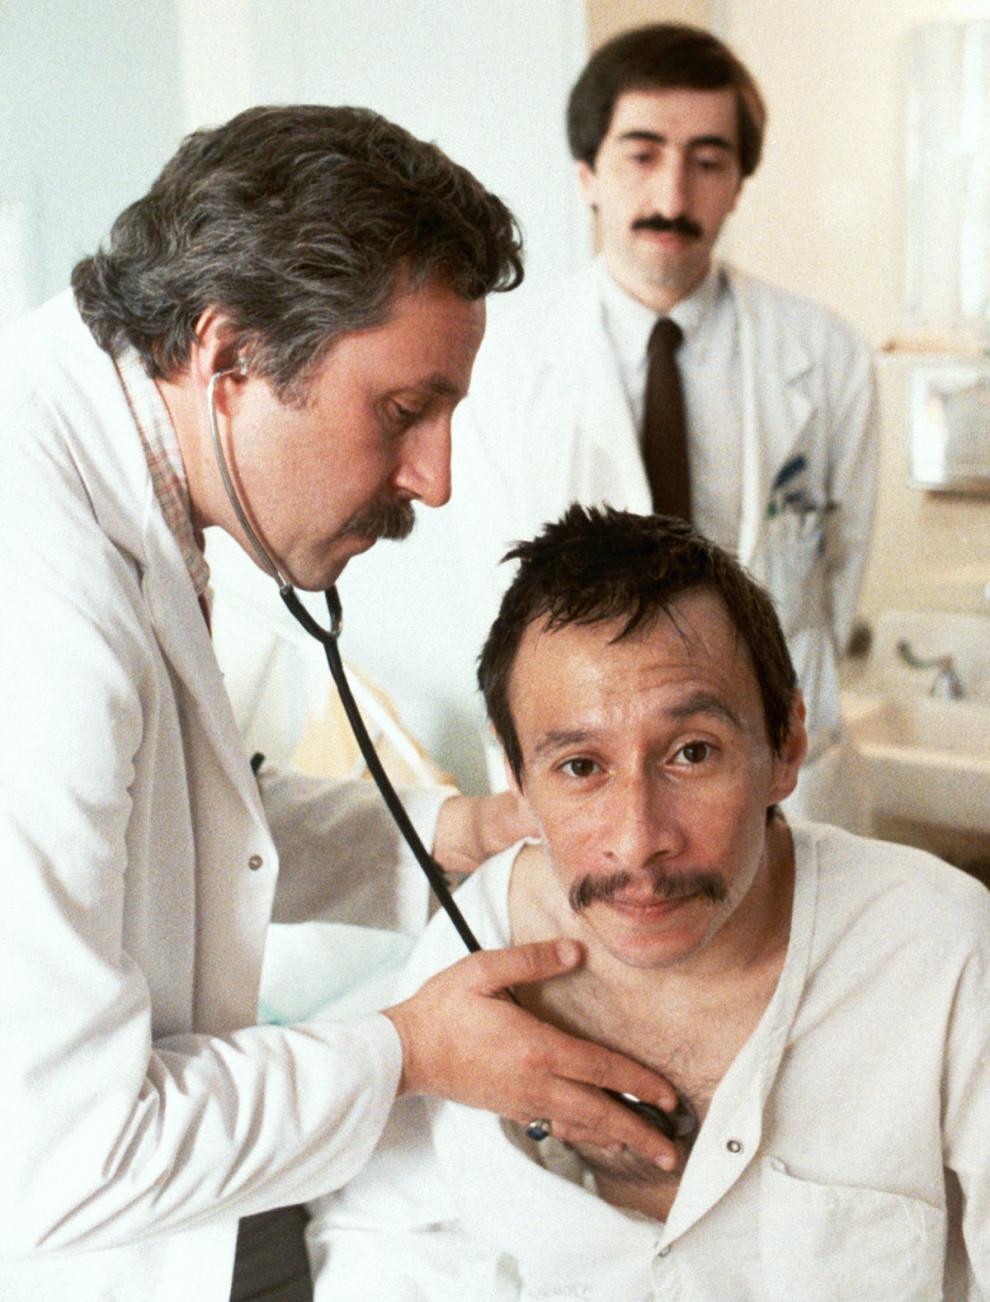 Терапевты осматривают пациента со СПИДом, который позже умрет от осложнений.